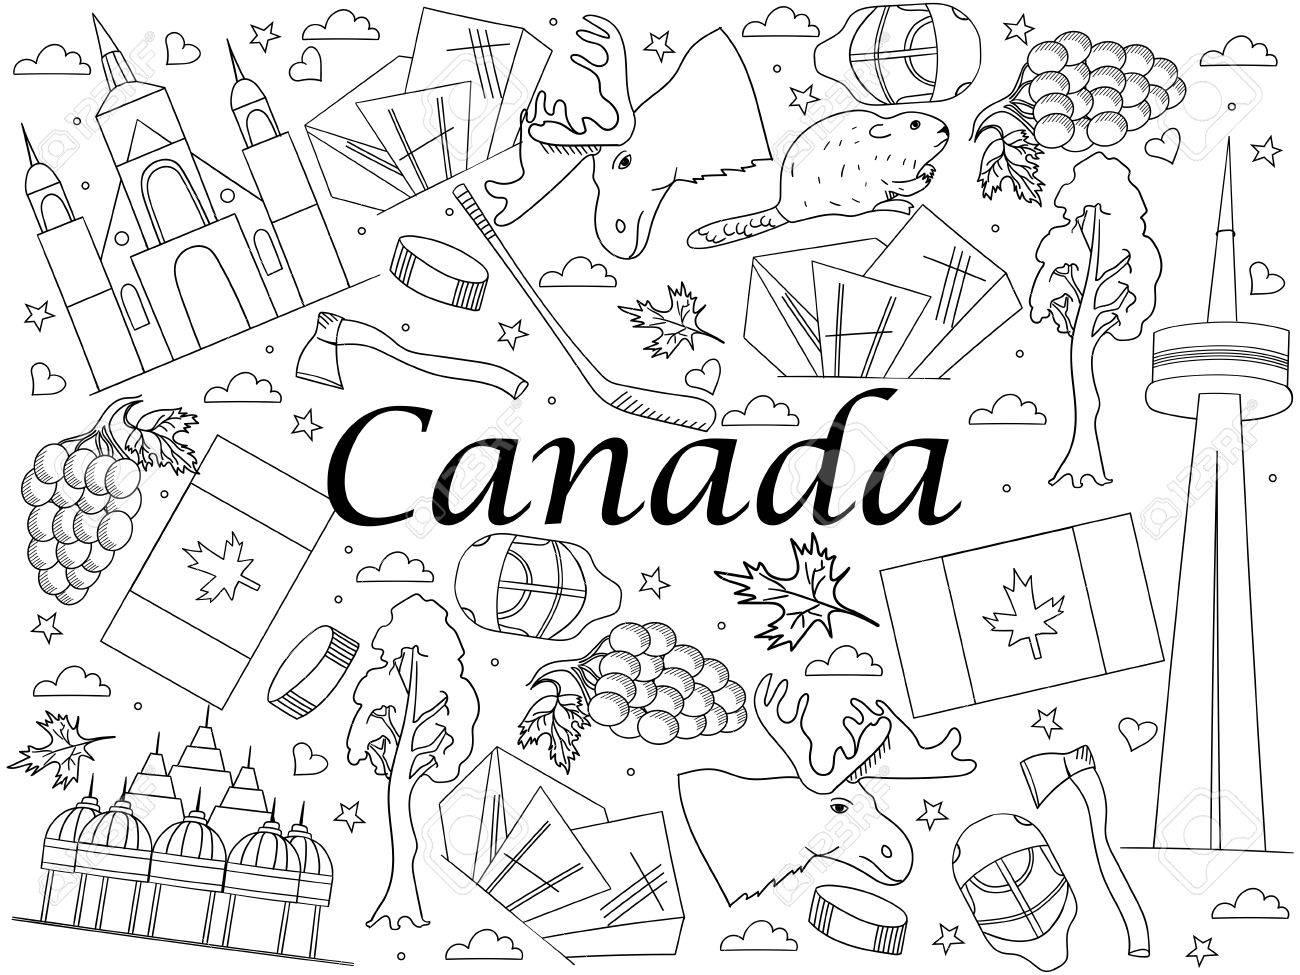 Canadá Libro De Colorear La Línea De Arte Del Diseño Del Vector ...